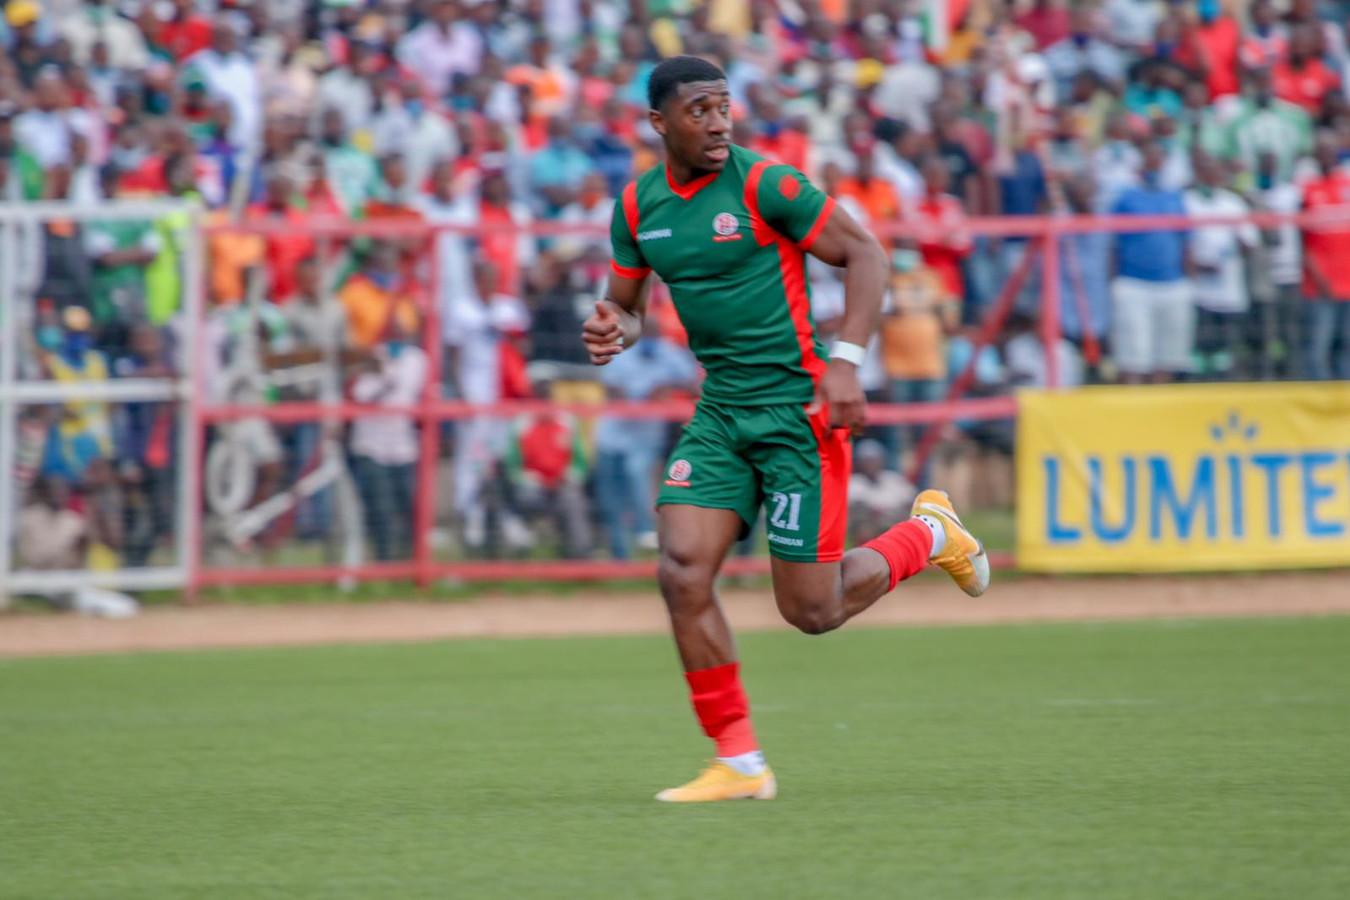 Volle bak in het stadion, waar de nationale ploeg van Burundi tegen de Centraal Afrikaanse Republiek speelde.